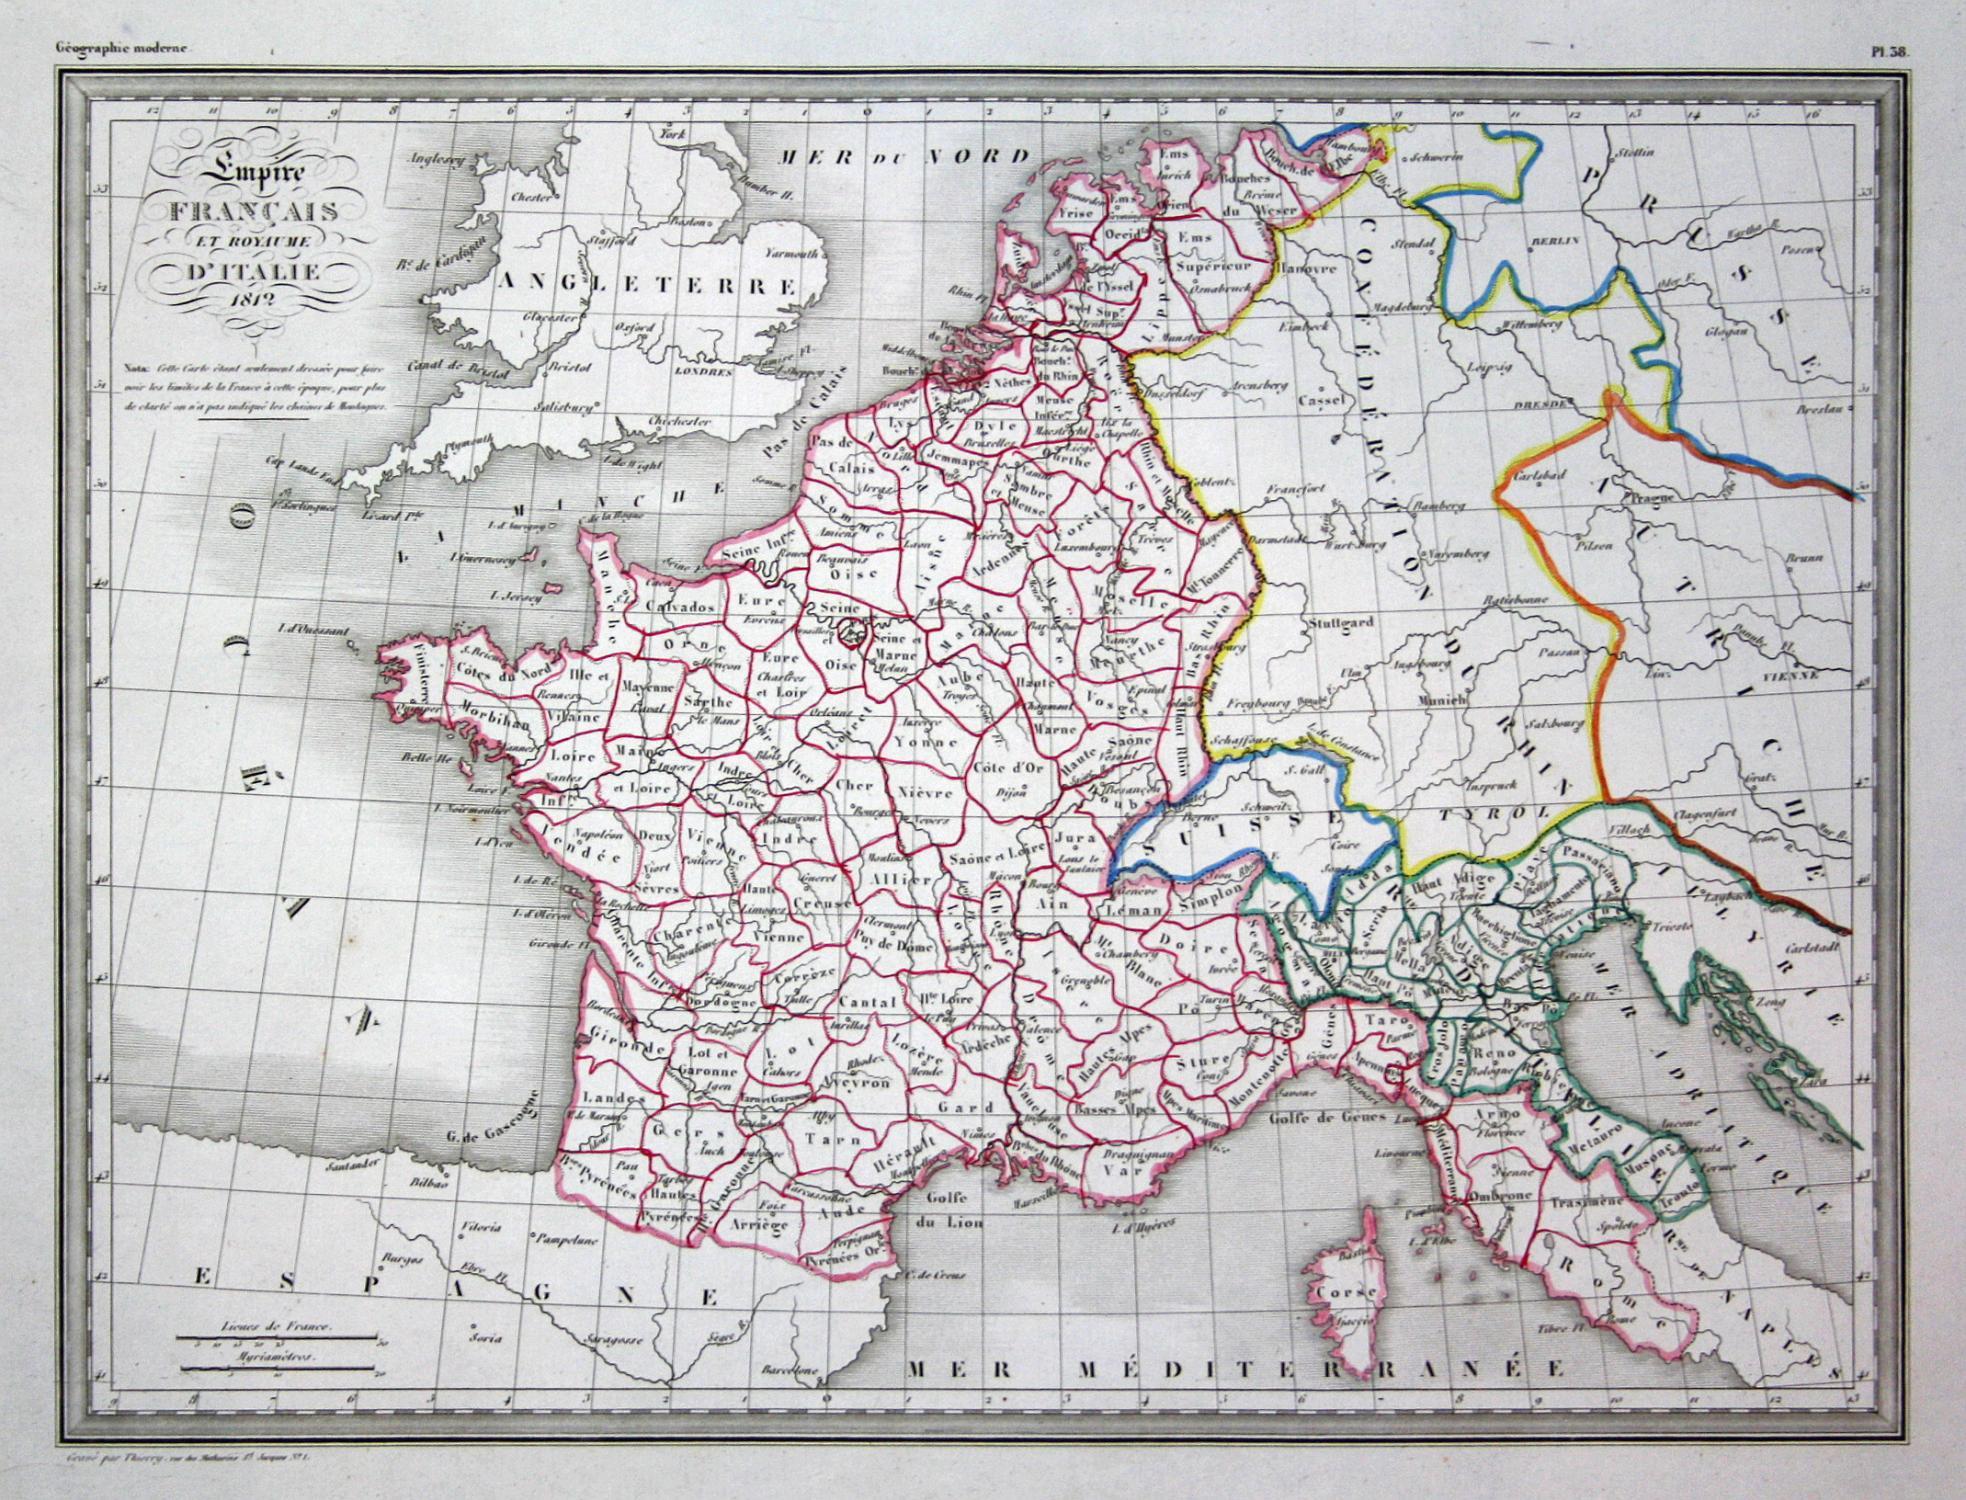 Karte Italien Frankreich.Empire Francais Et Royaume D Italie